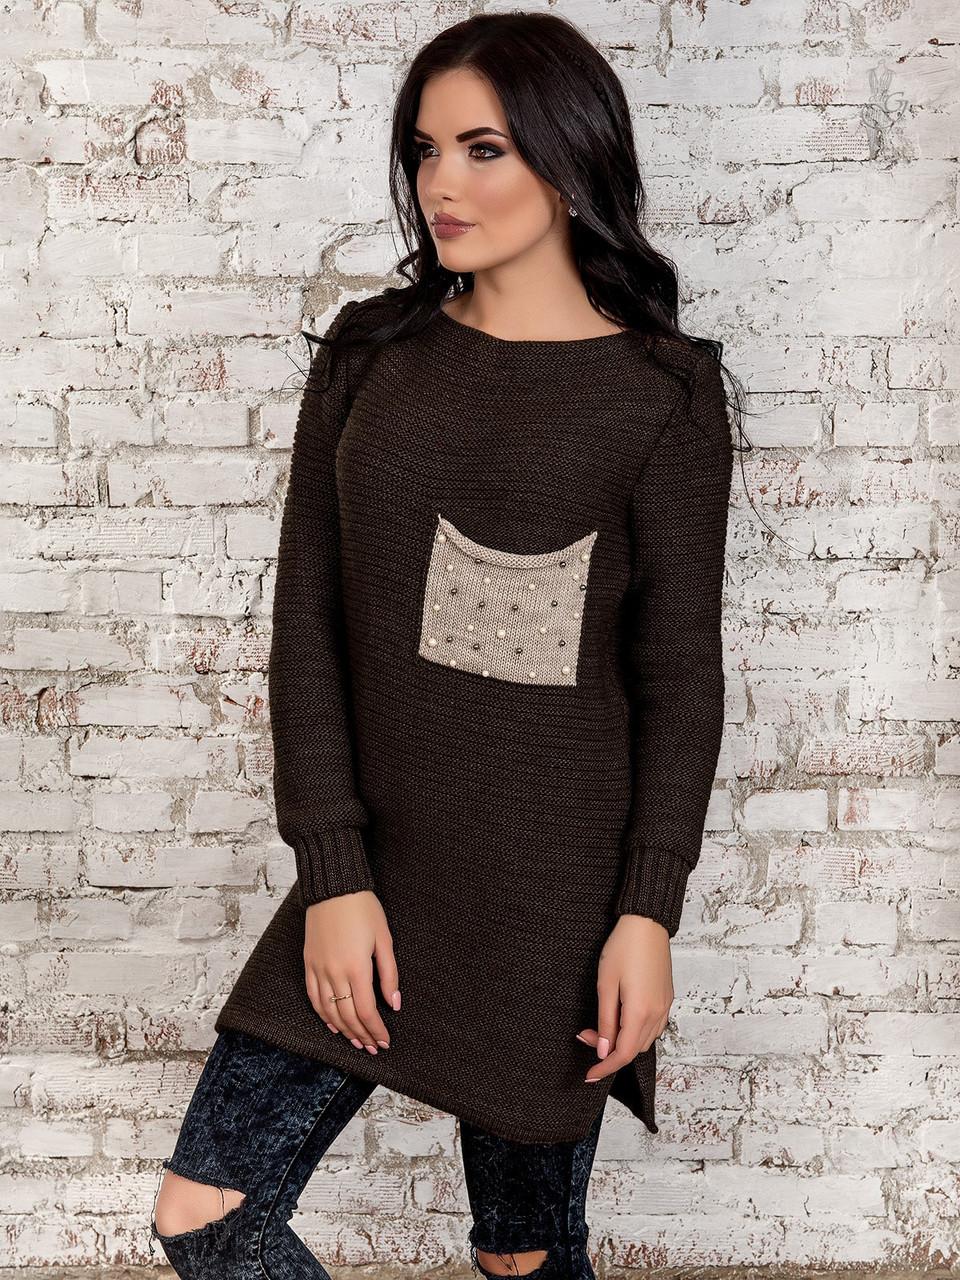 baa13bea2664ff1 Вязаные платья туники Камила-6 - Интернет магазин женской одежды в Харькове